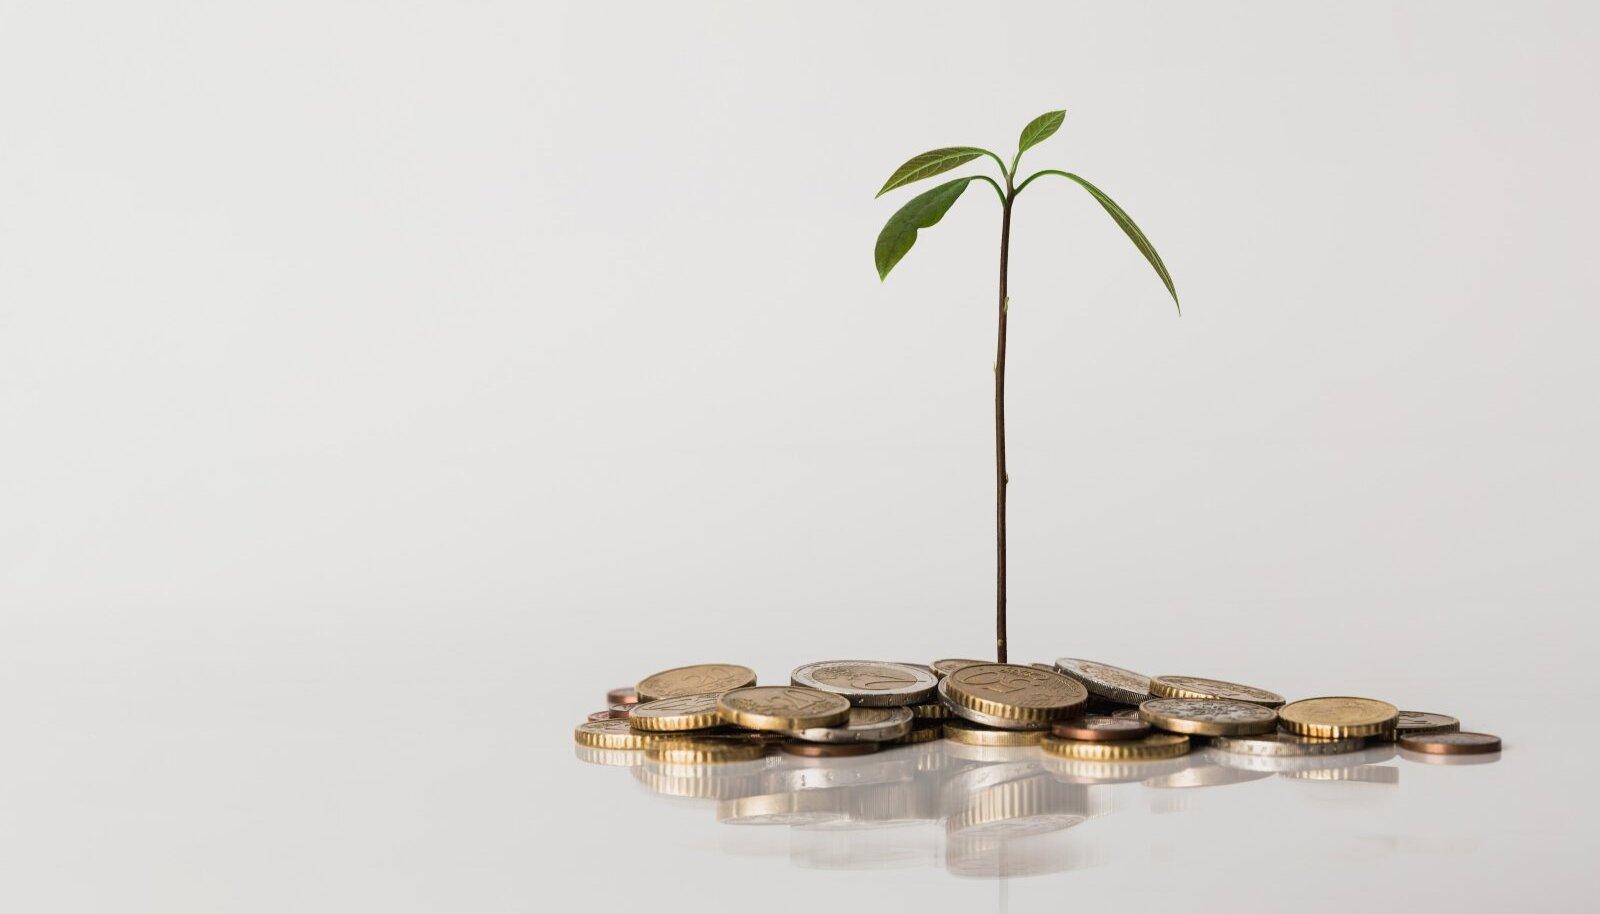 Vähem tarbides säästame keskkonda ja ka raha jääb üle.